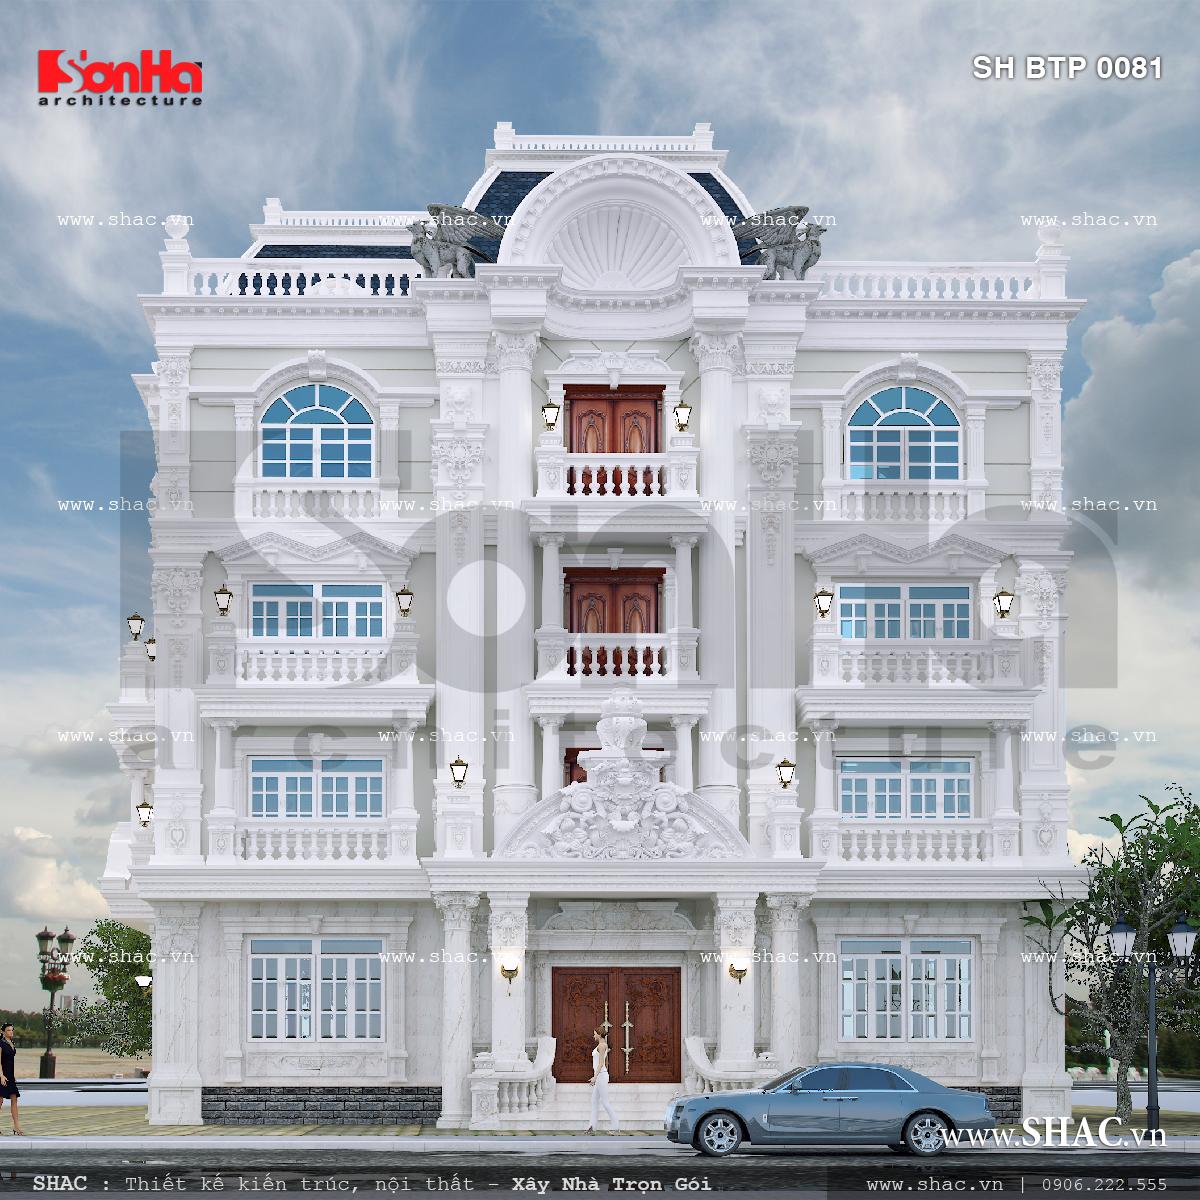 Biệt thự 4 tầng kiến trúc Pháp cổ điển sang trọng – SH BTP 0081 1